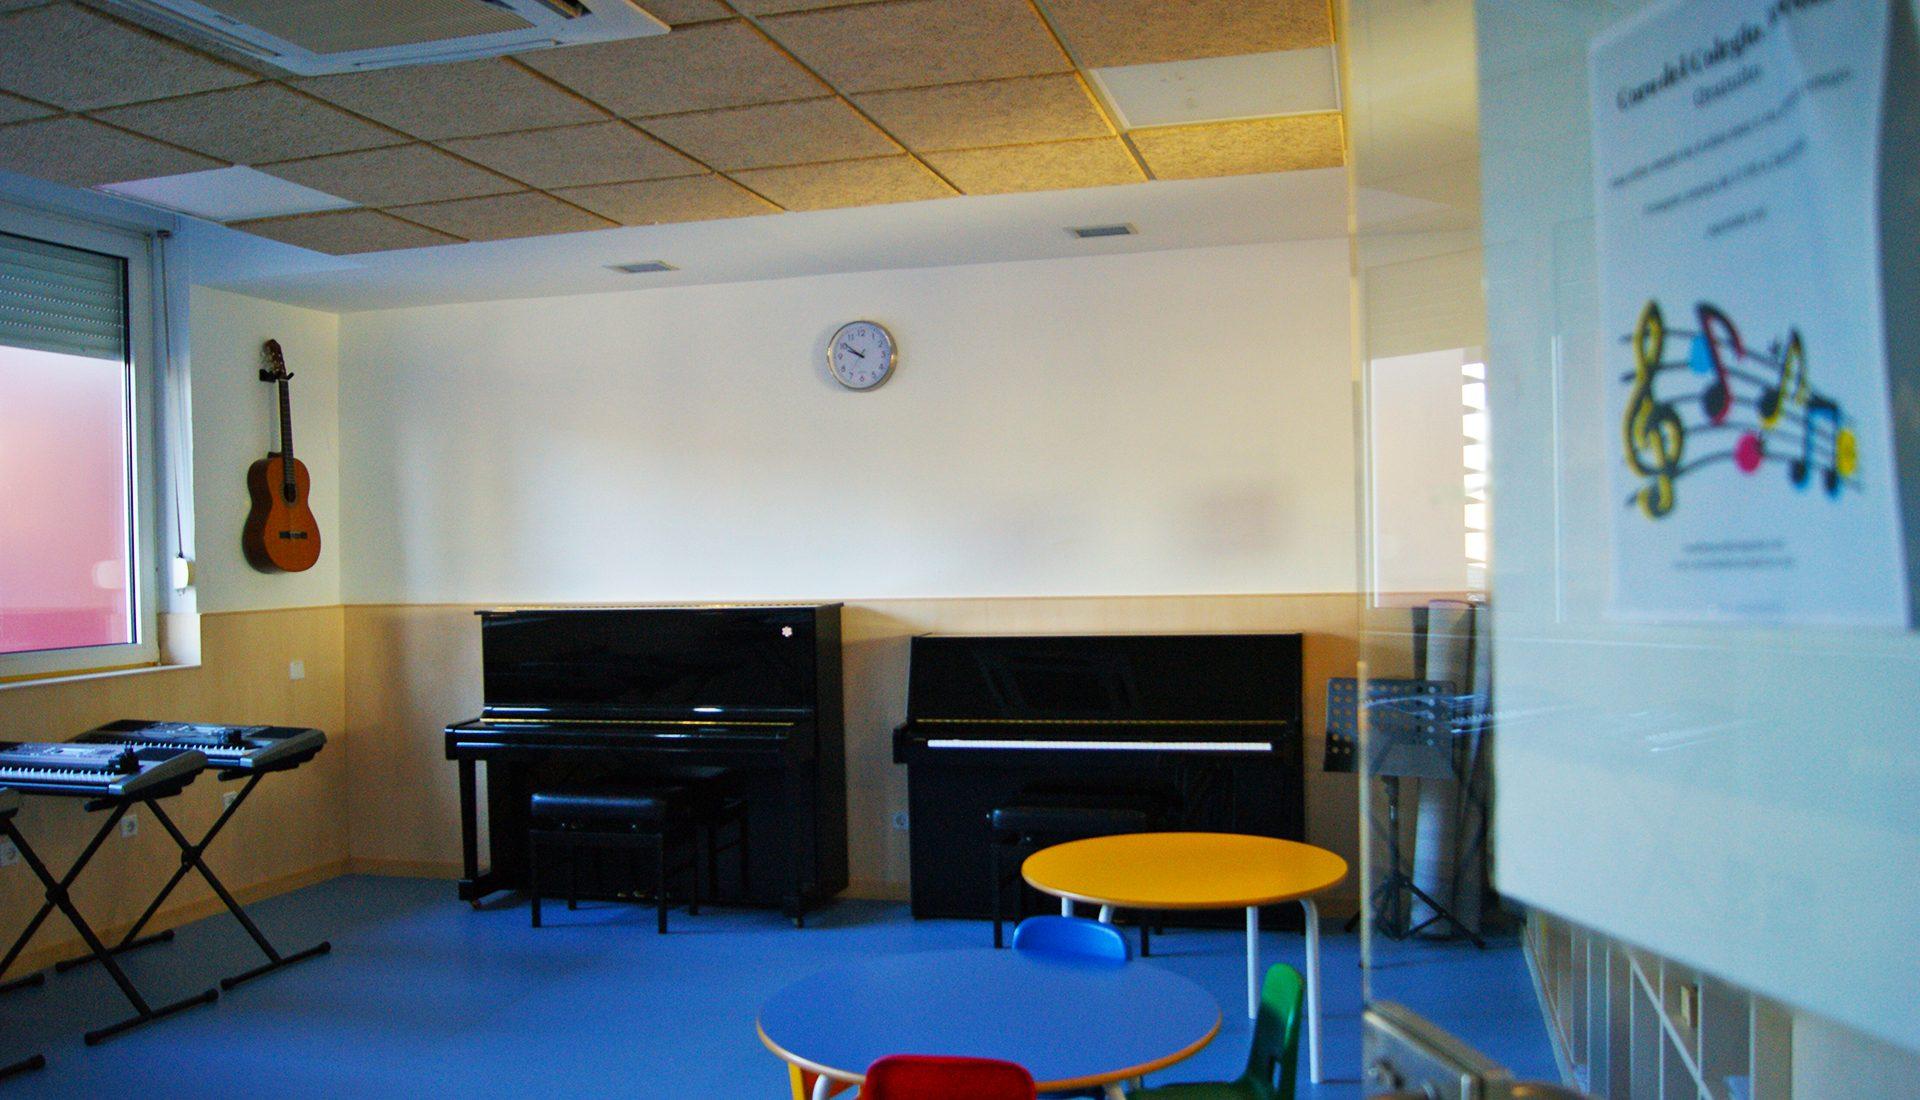 Instalaciones - Aula de música